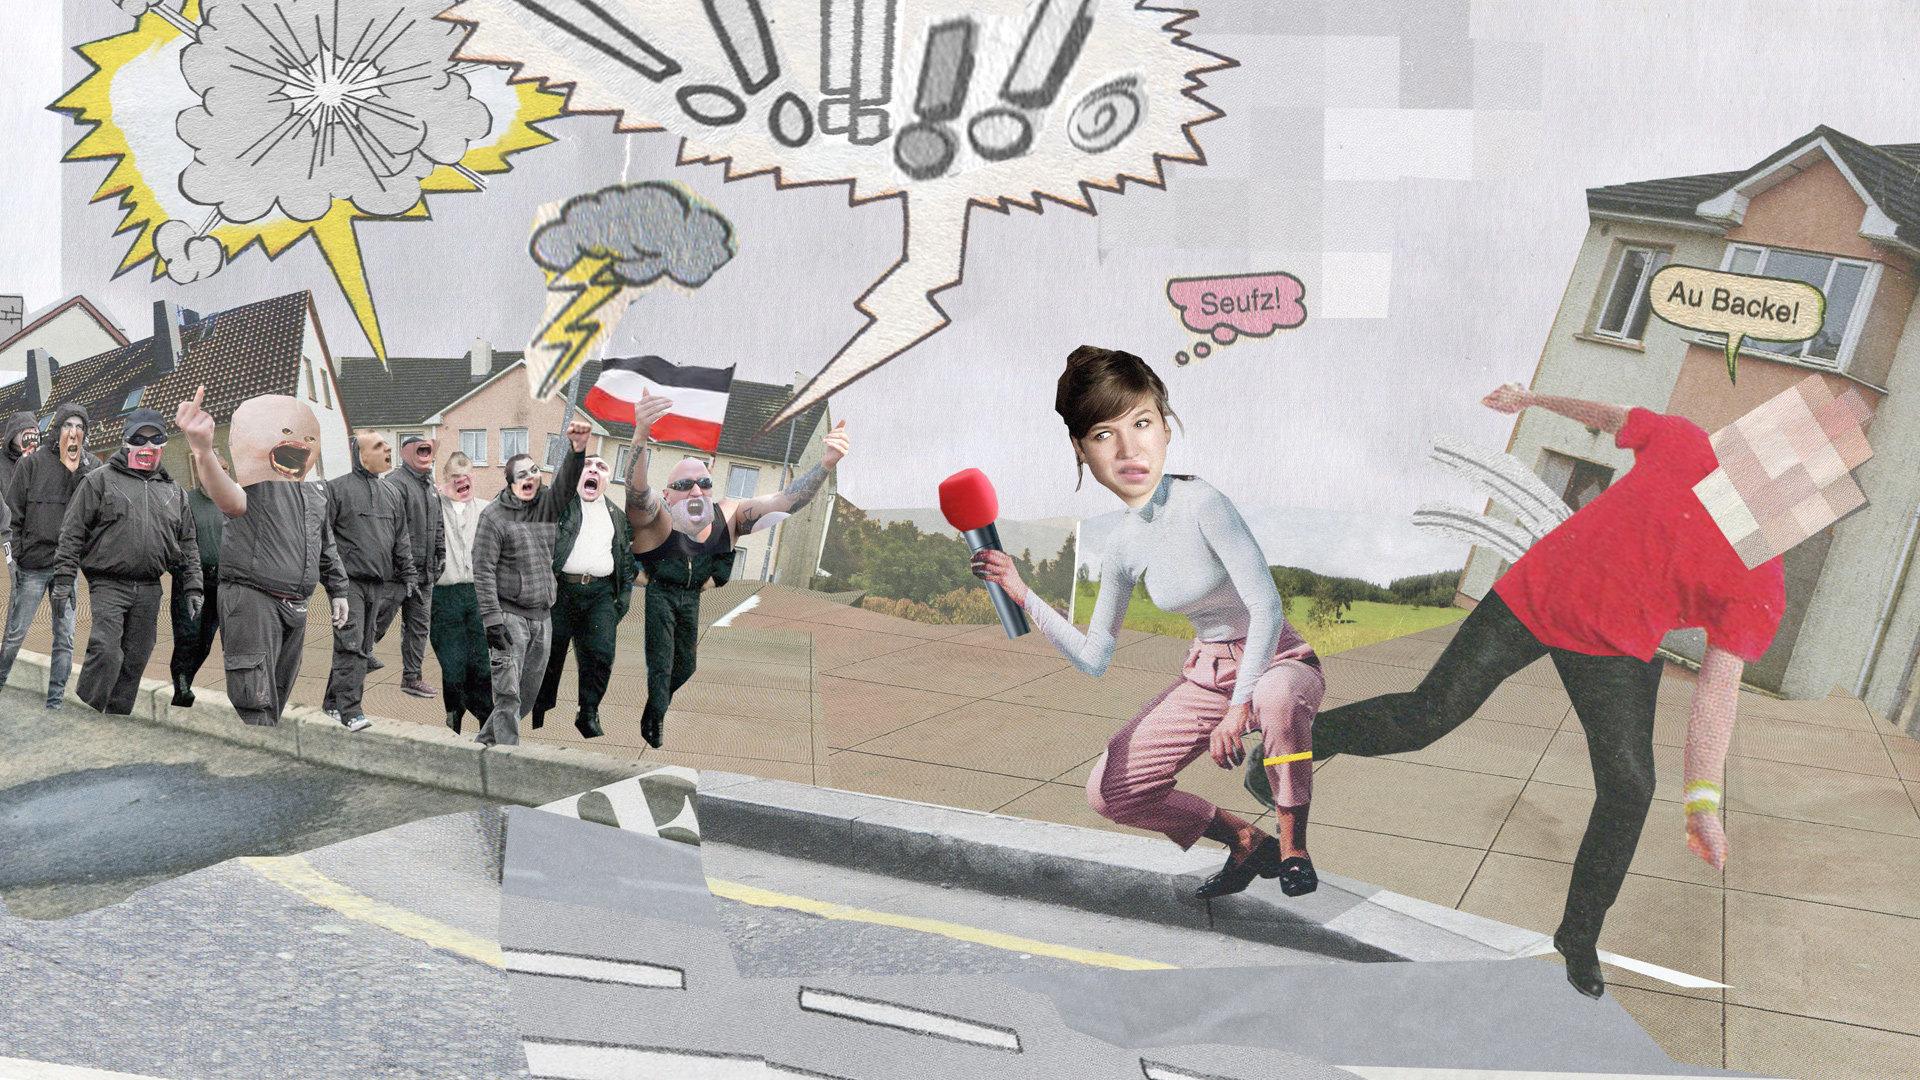 Rechtsextreme Demonstranten werden von einer Reporterin interviewt